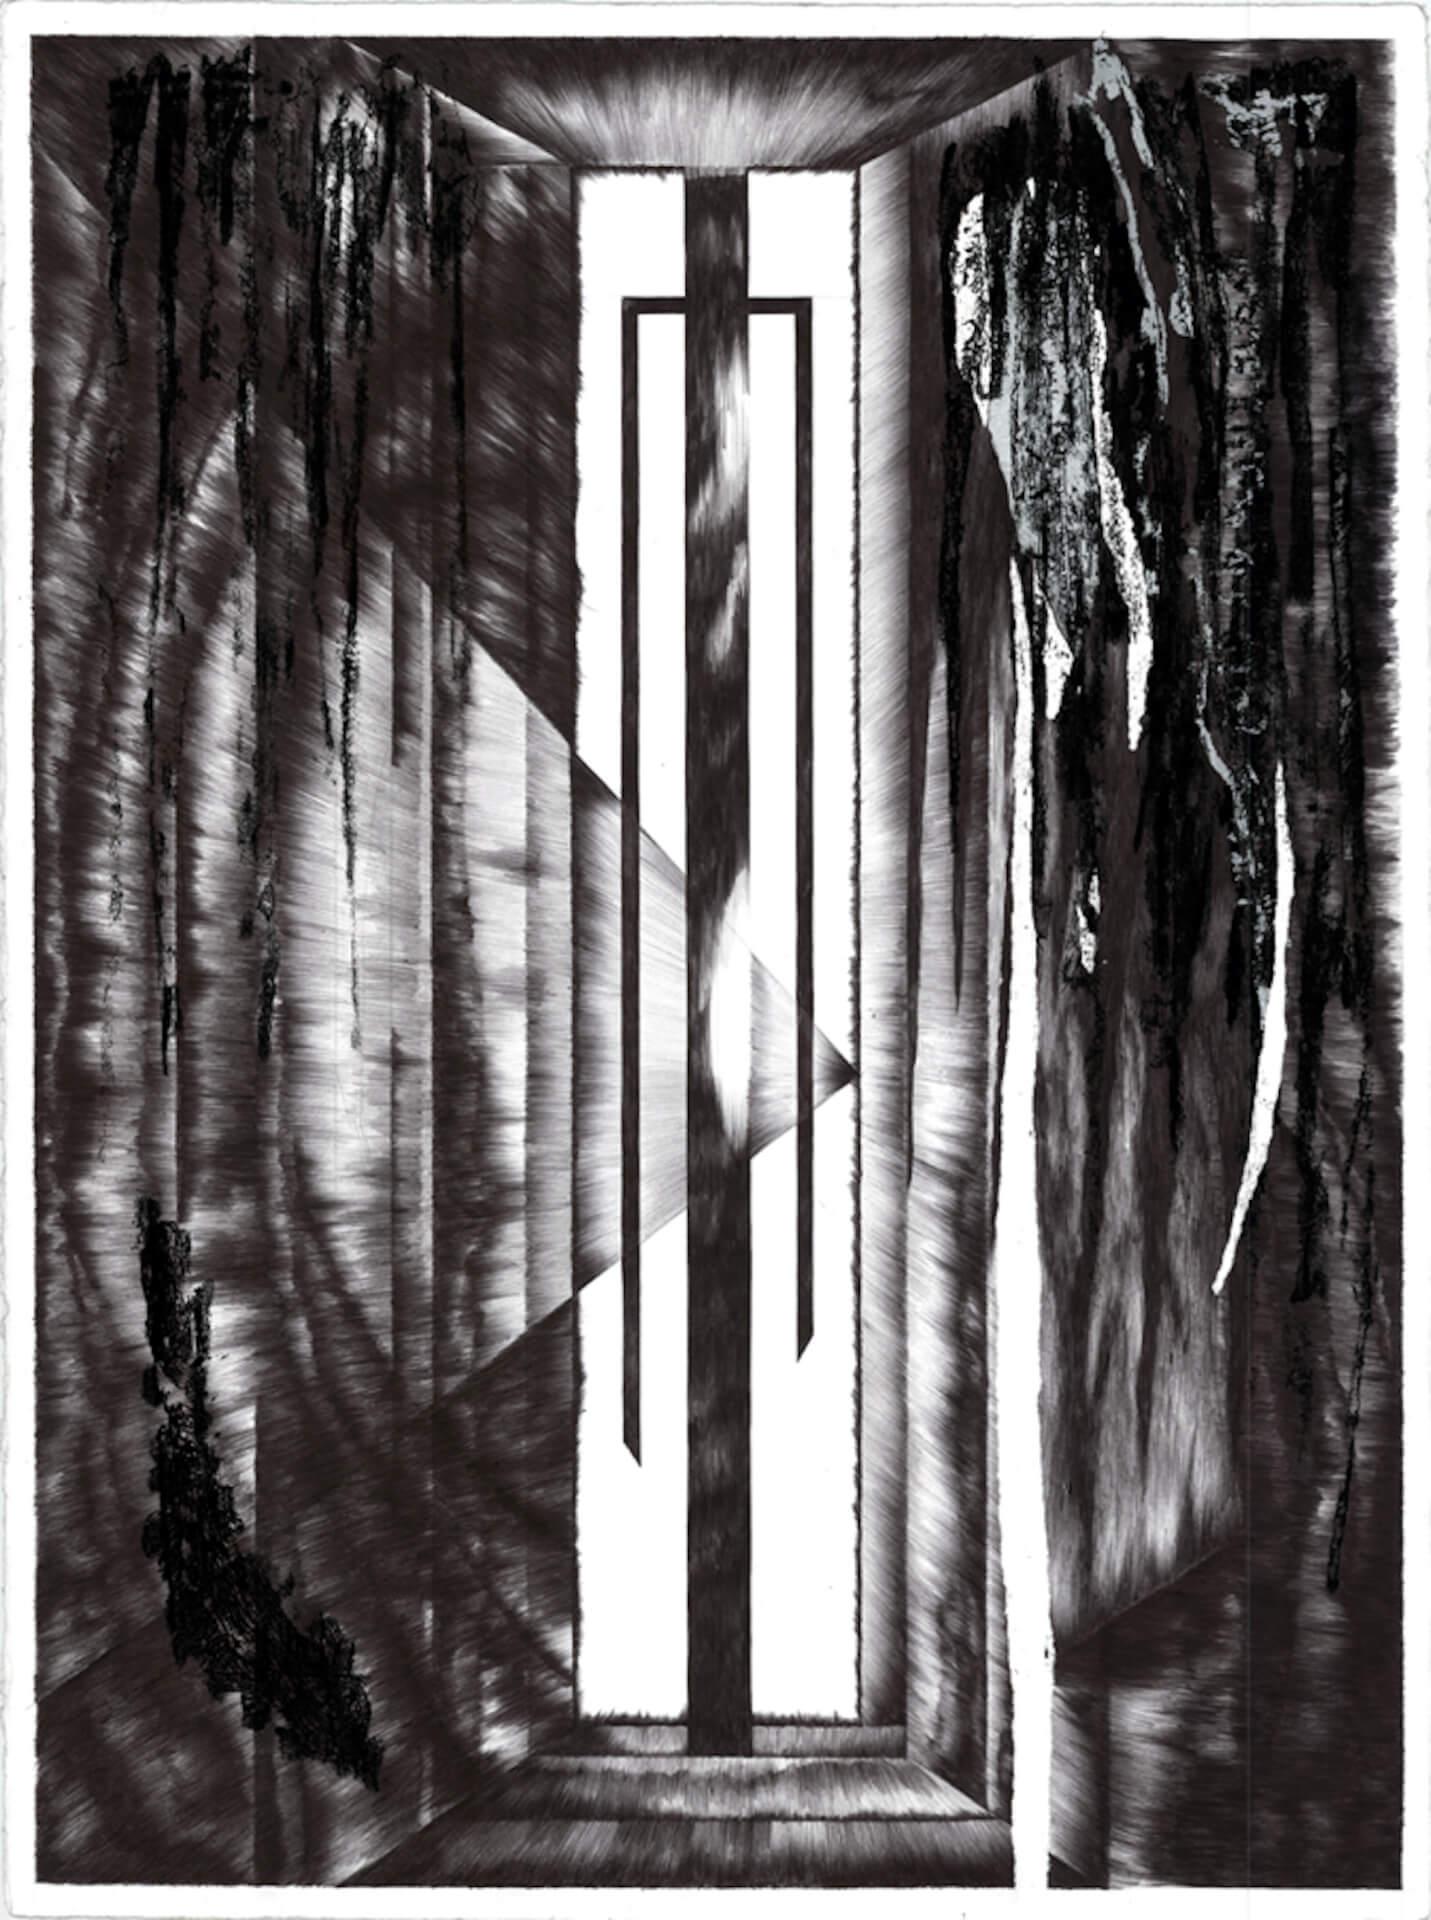 海外のトップクリエイターが注目するニューヨーク発のクリエイティブ集団「PAPERWORK」が日本初上陸 3_ang-giant-portal-drawing-smallres-copy